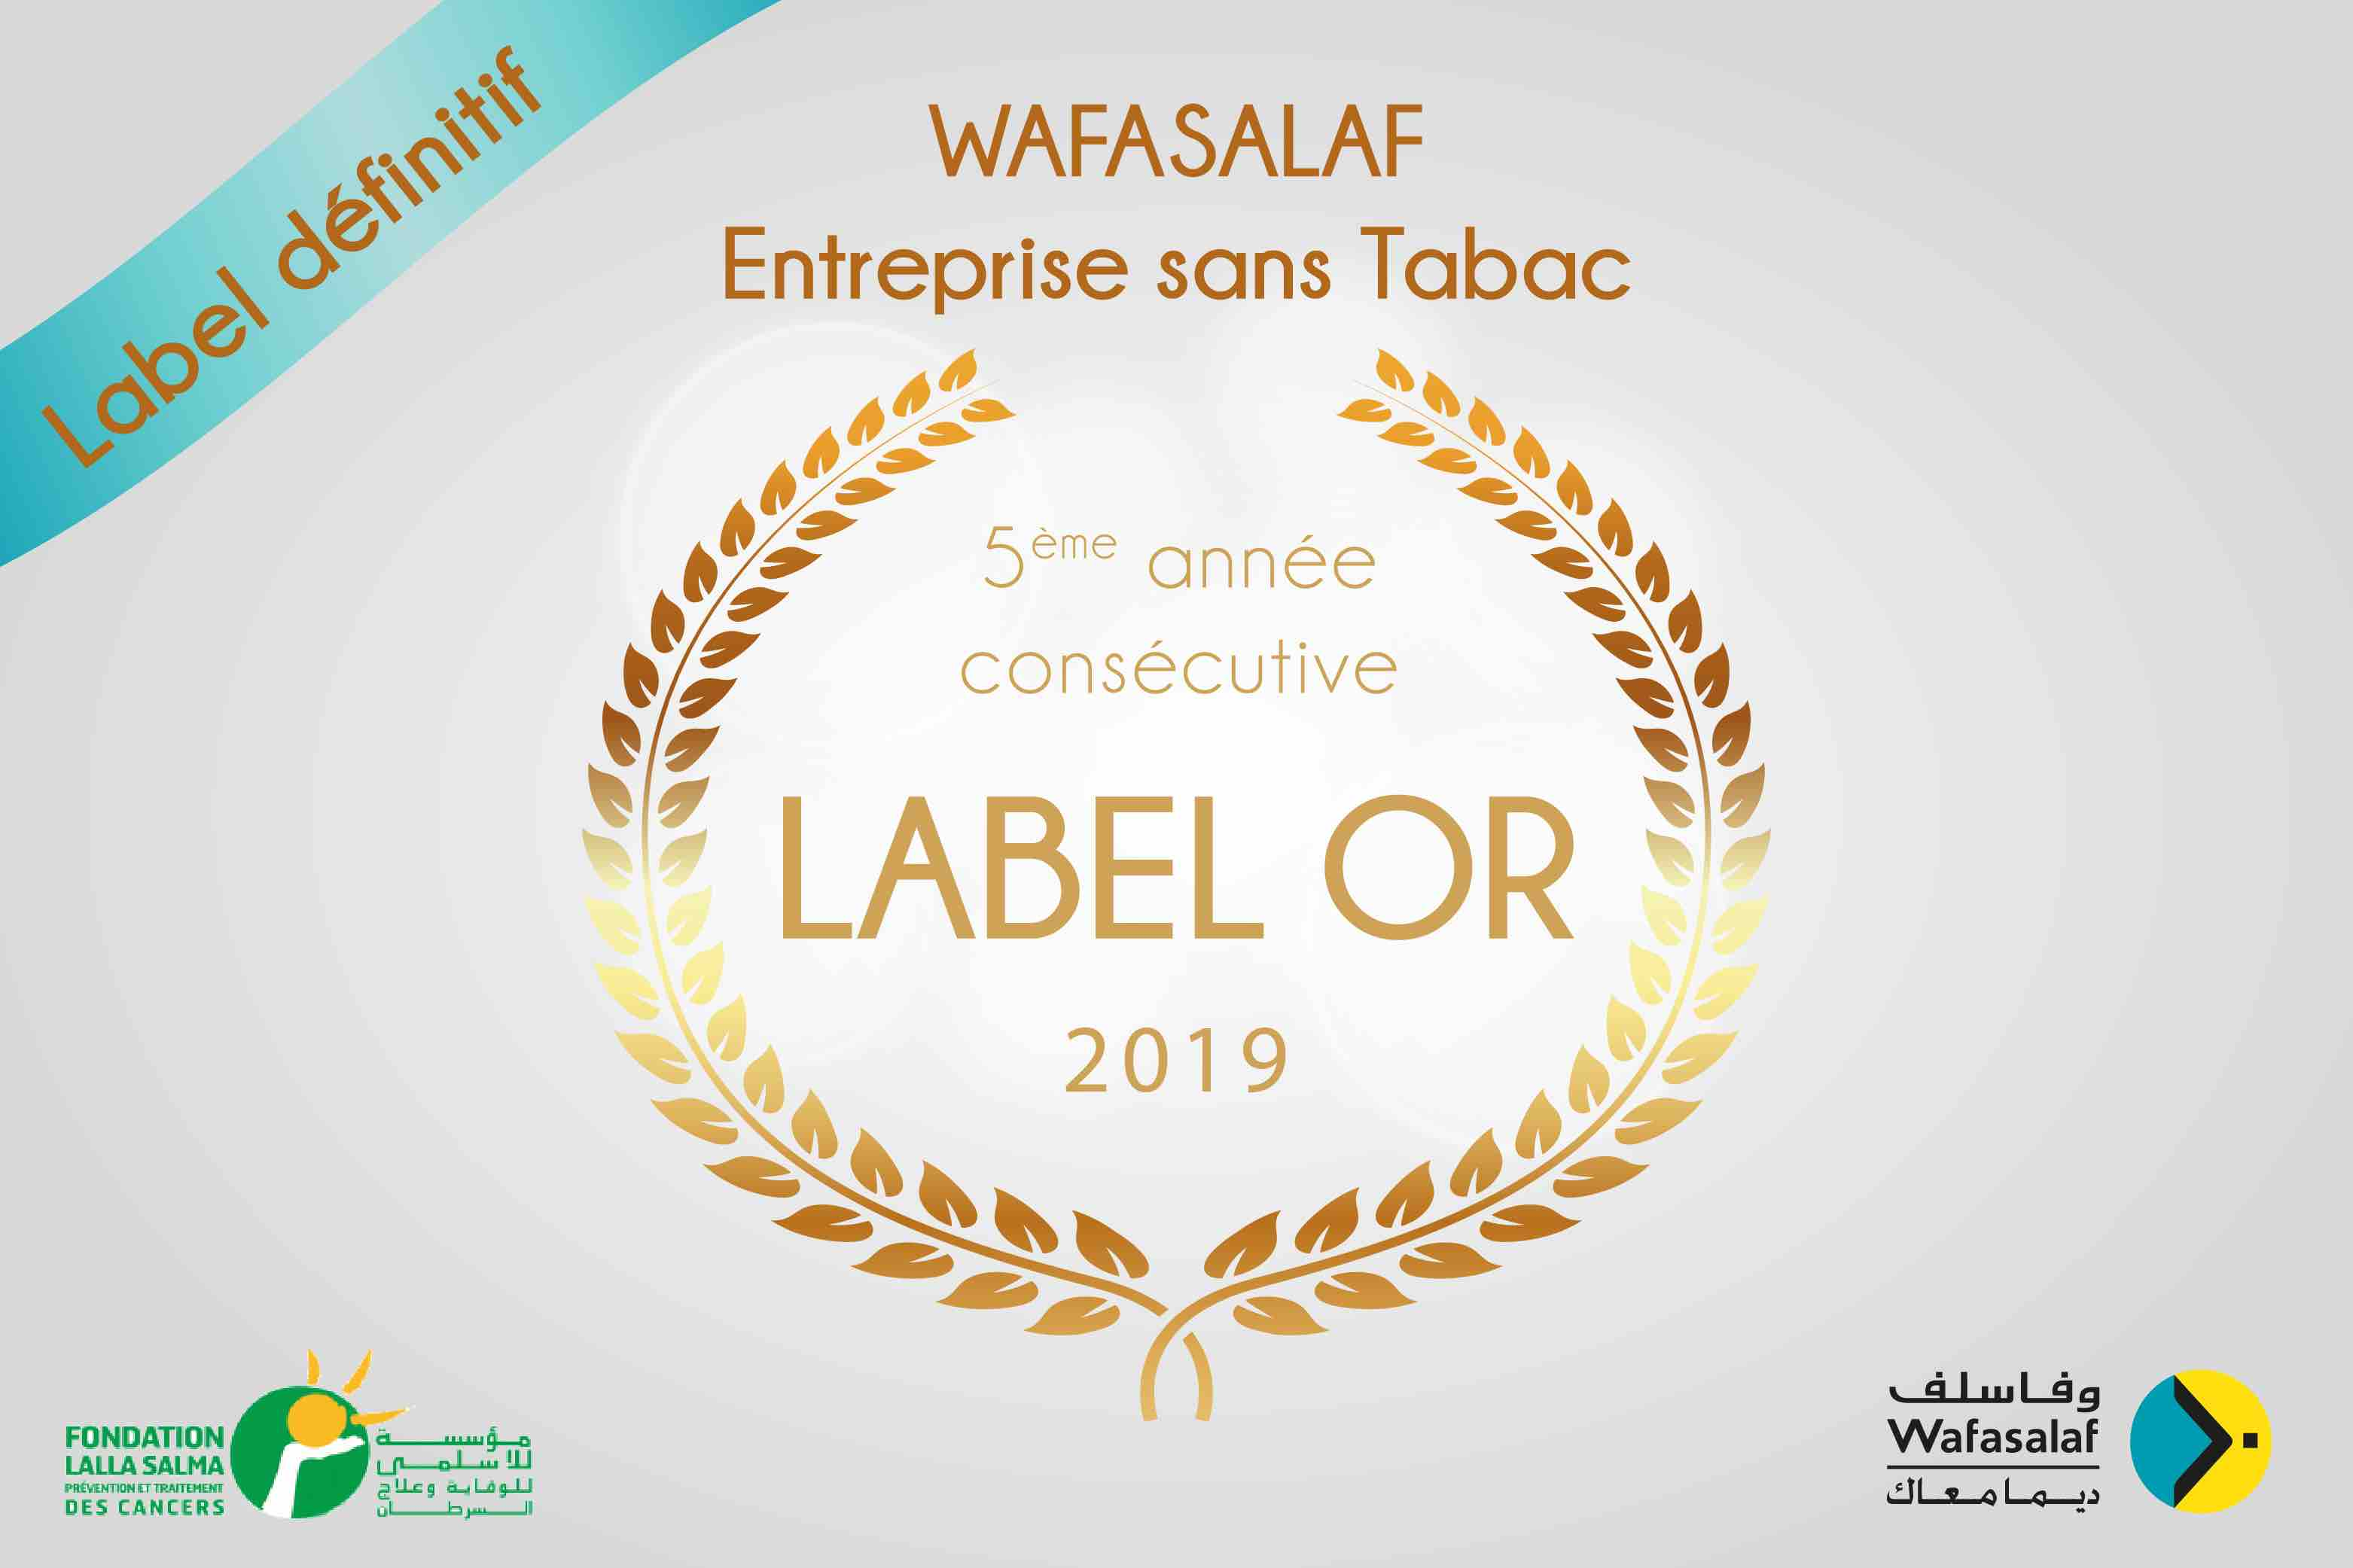 Entreprise sans tabac : Le label Or de Wafasalaf définitivement confirmé